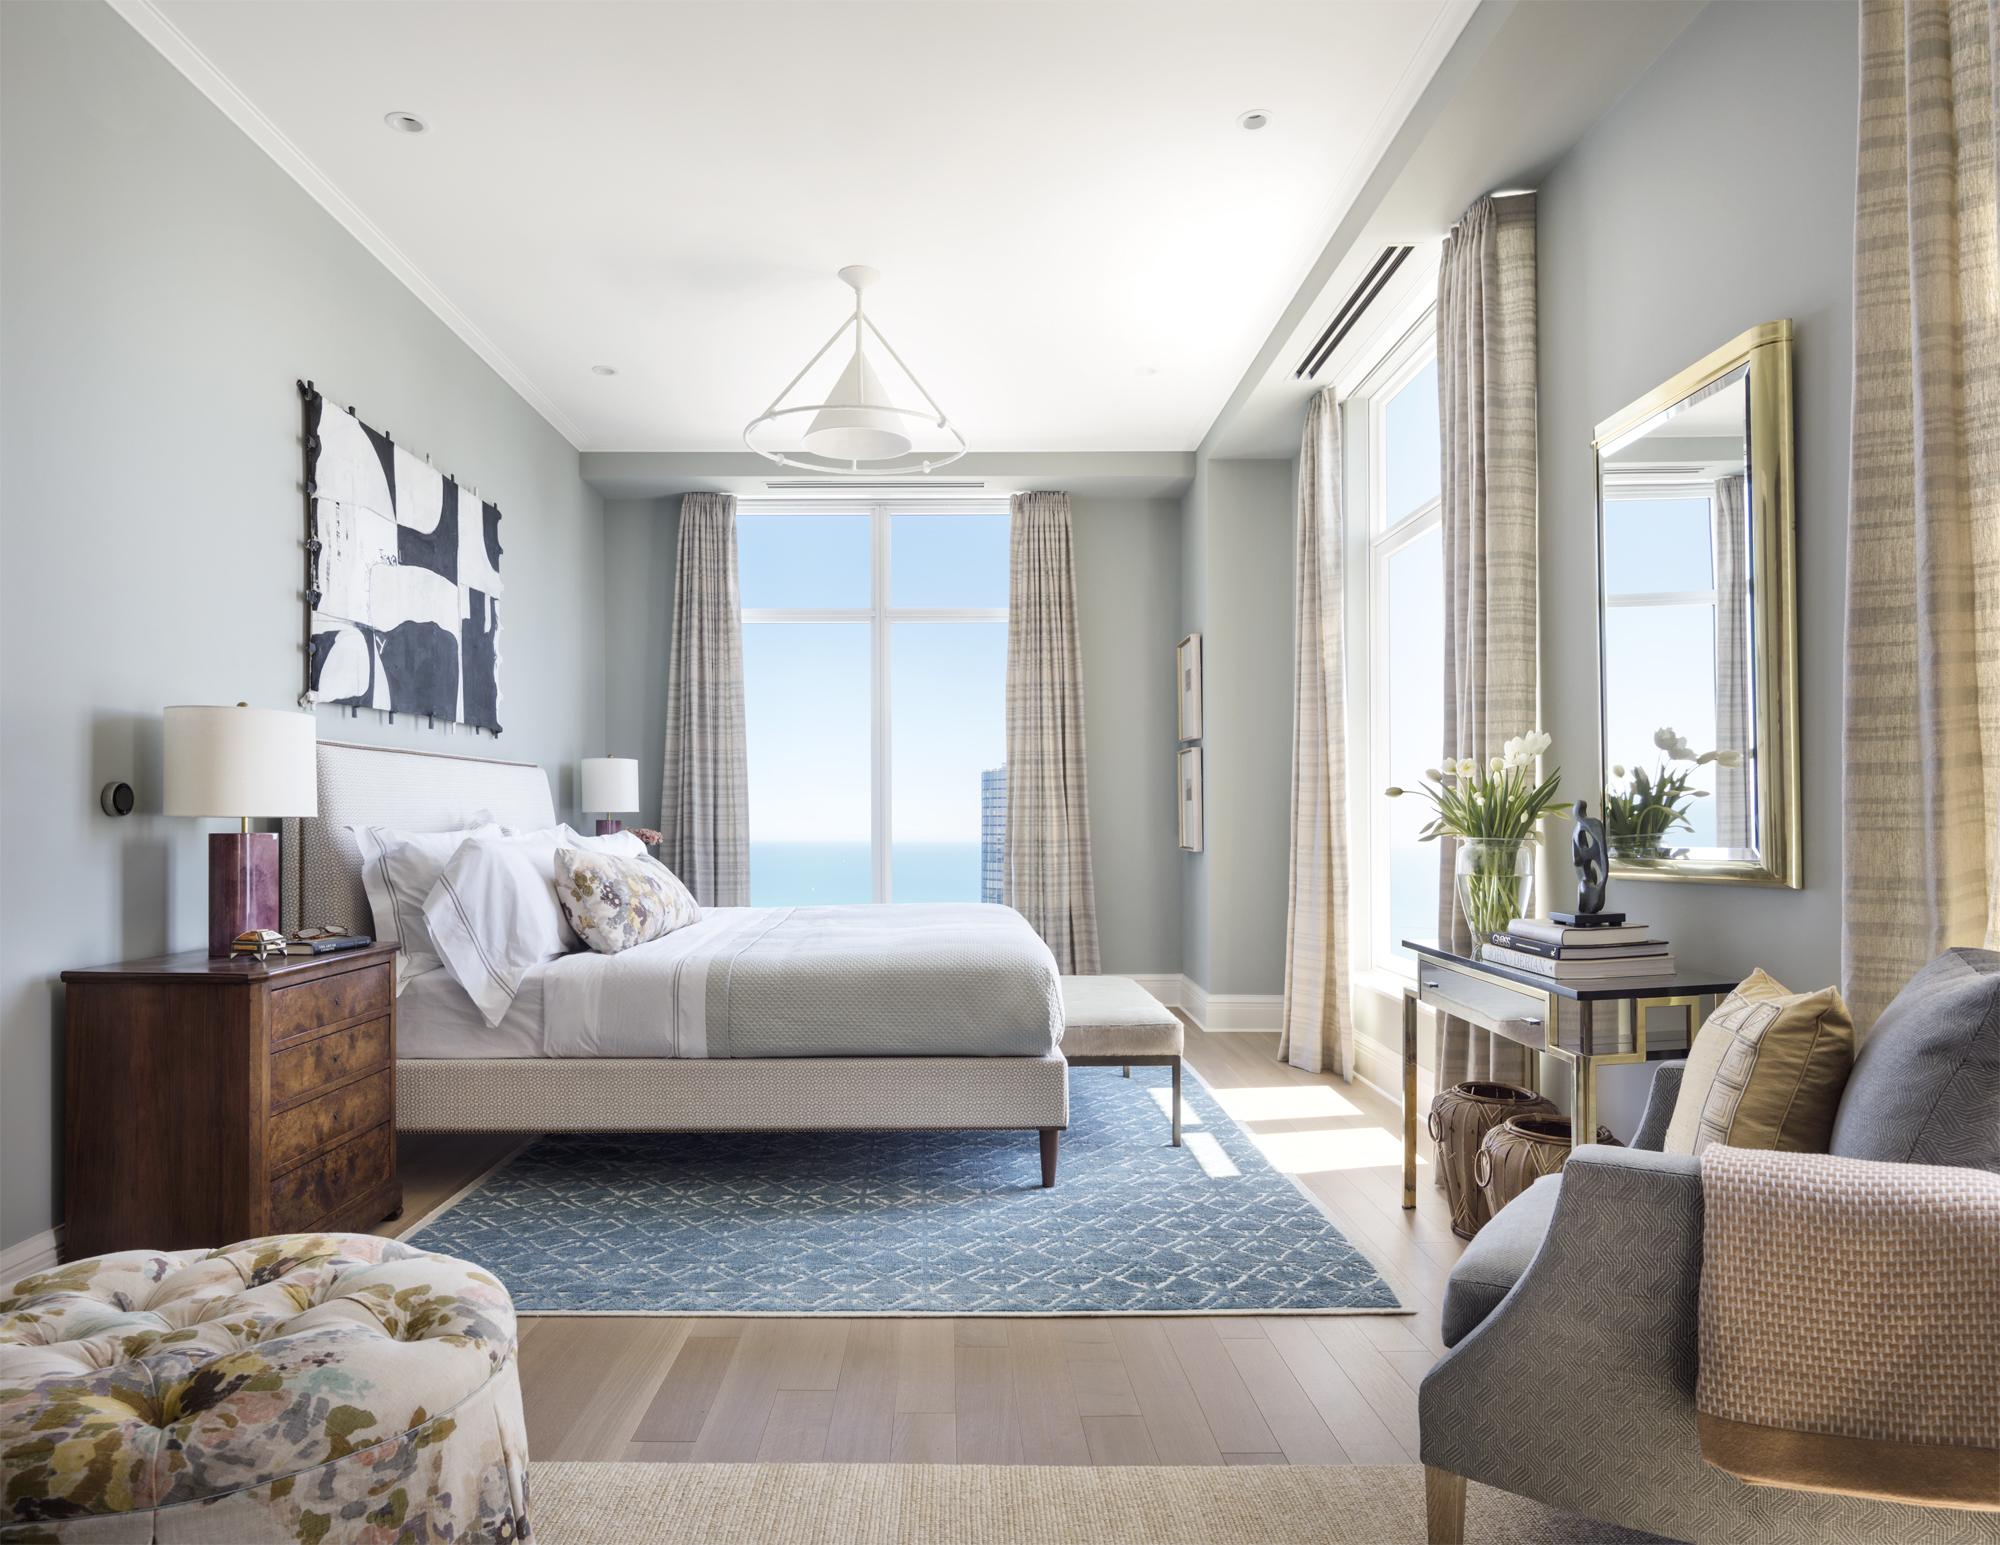 7_One-Bennett-Park-Condo-5106-Master-Bedroom.jpg